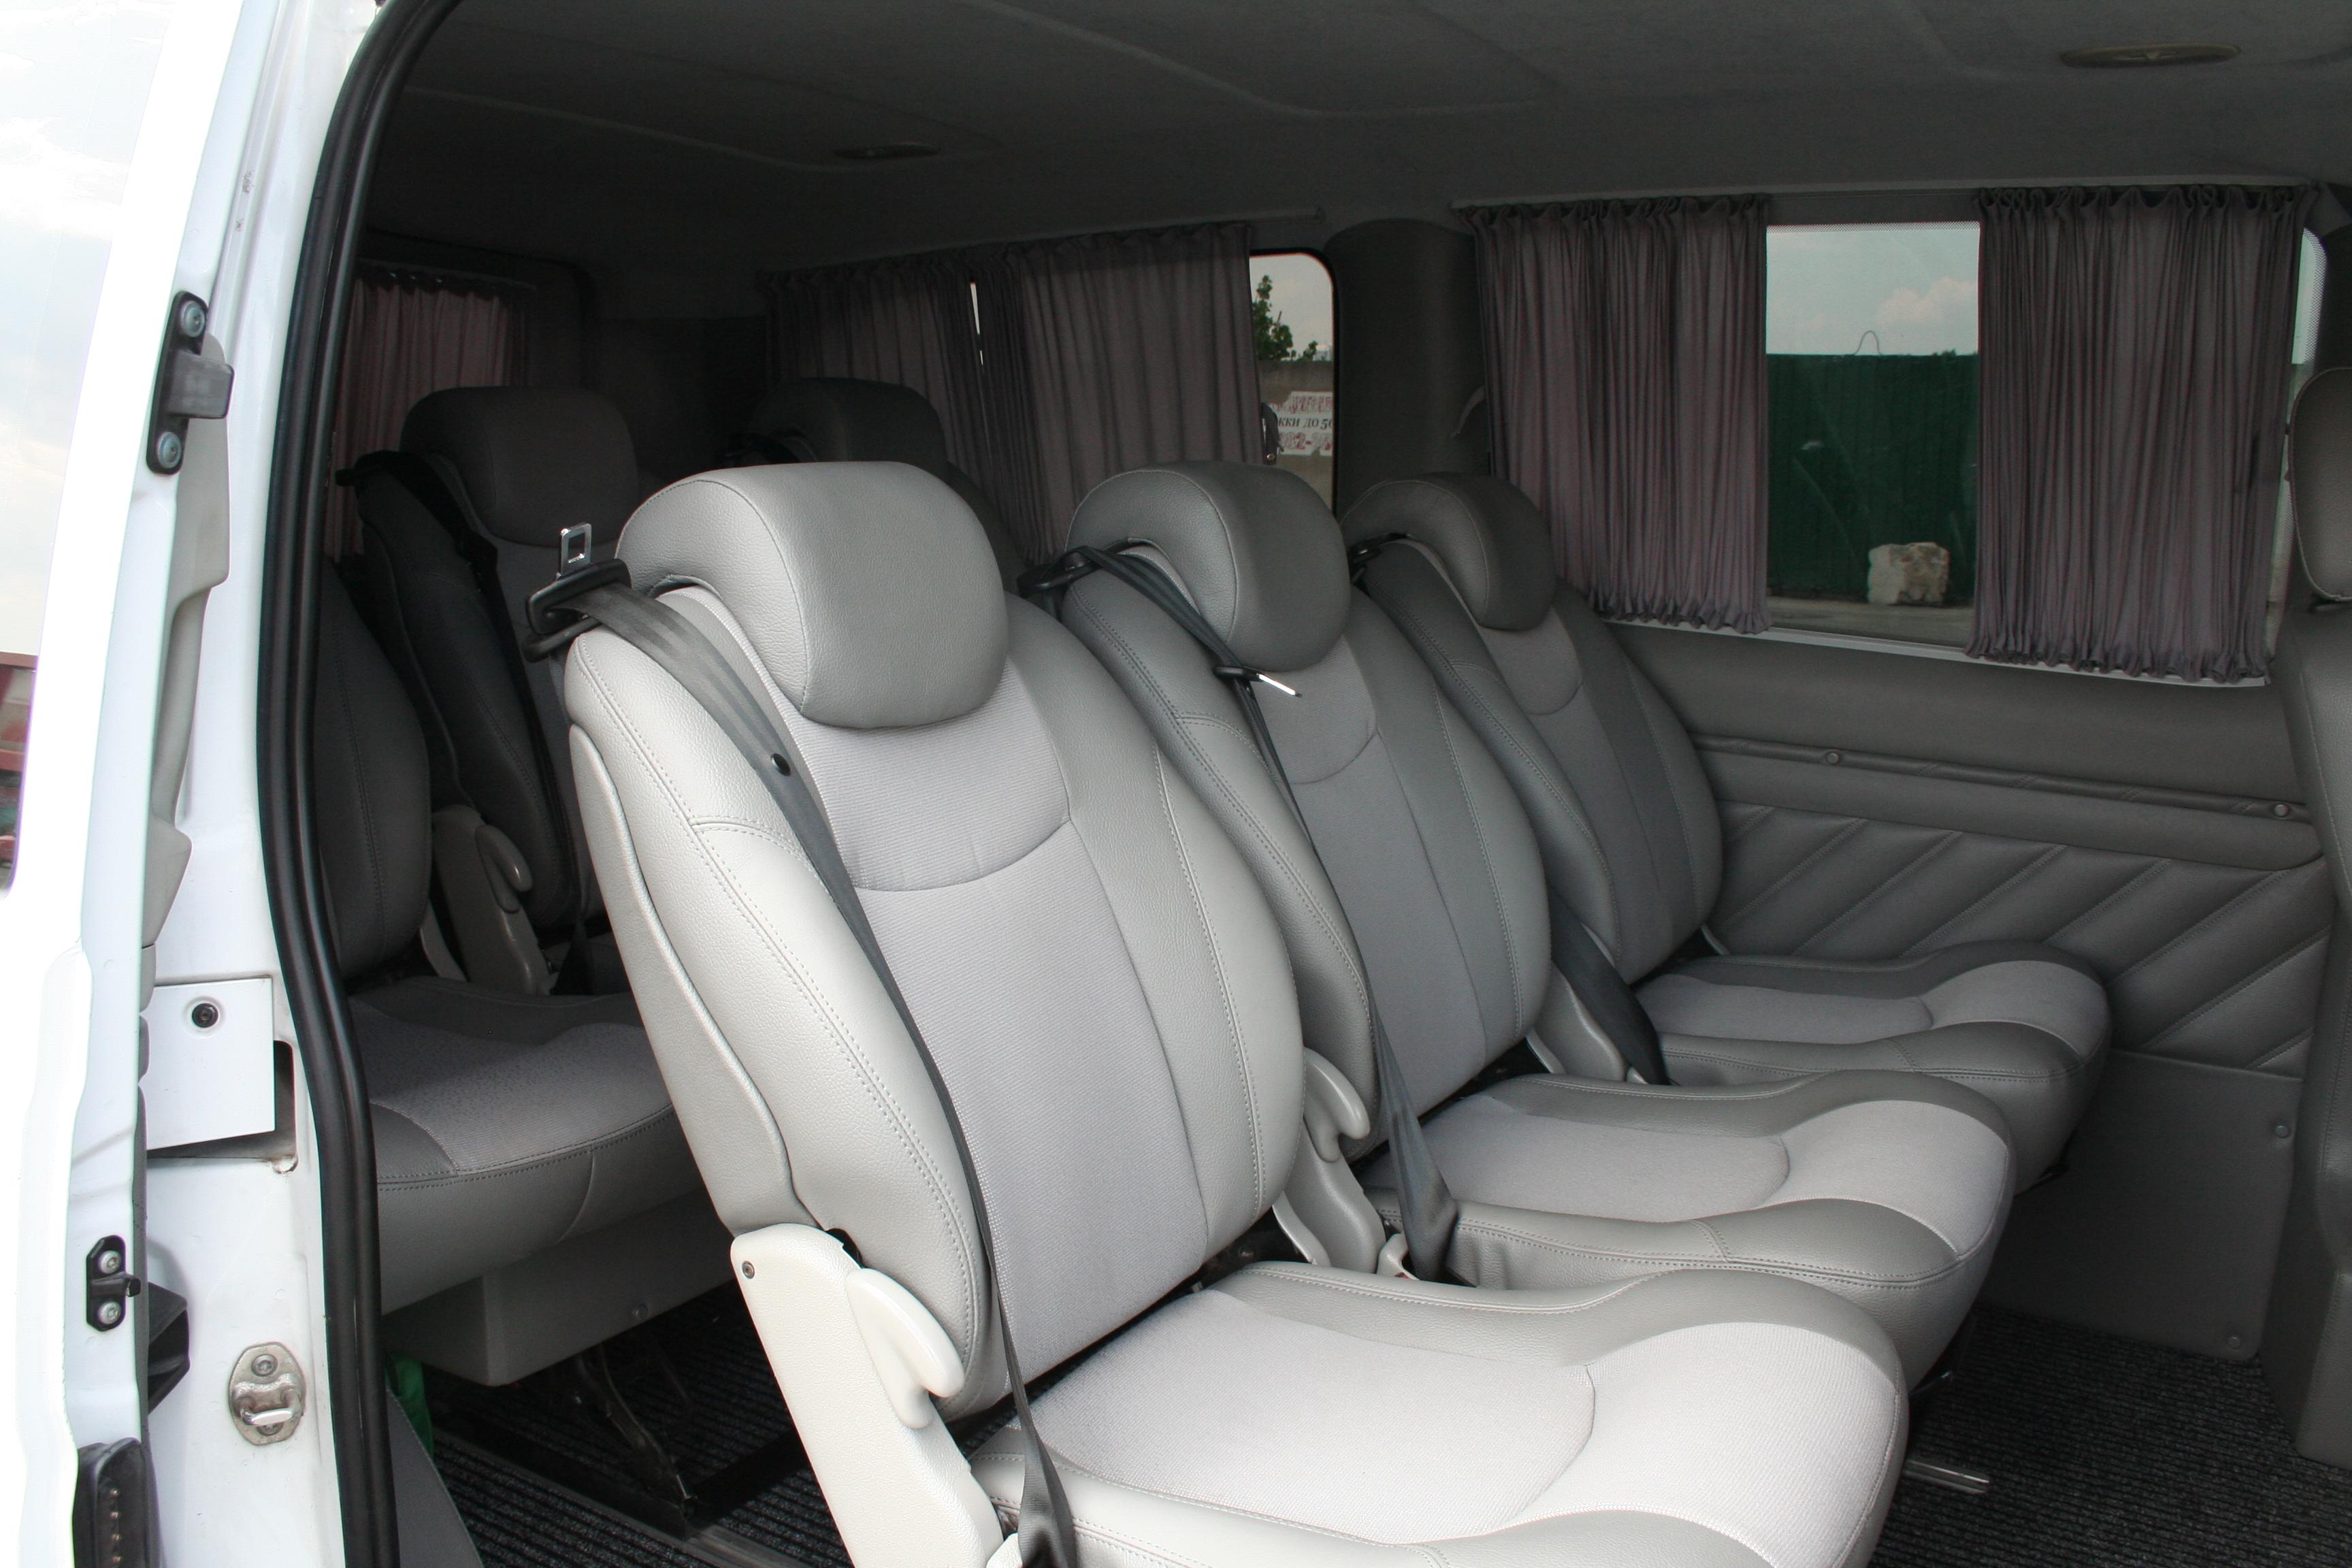 Аренда минивэн Киев Mercedes Vito с водителем